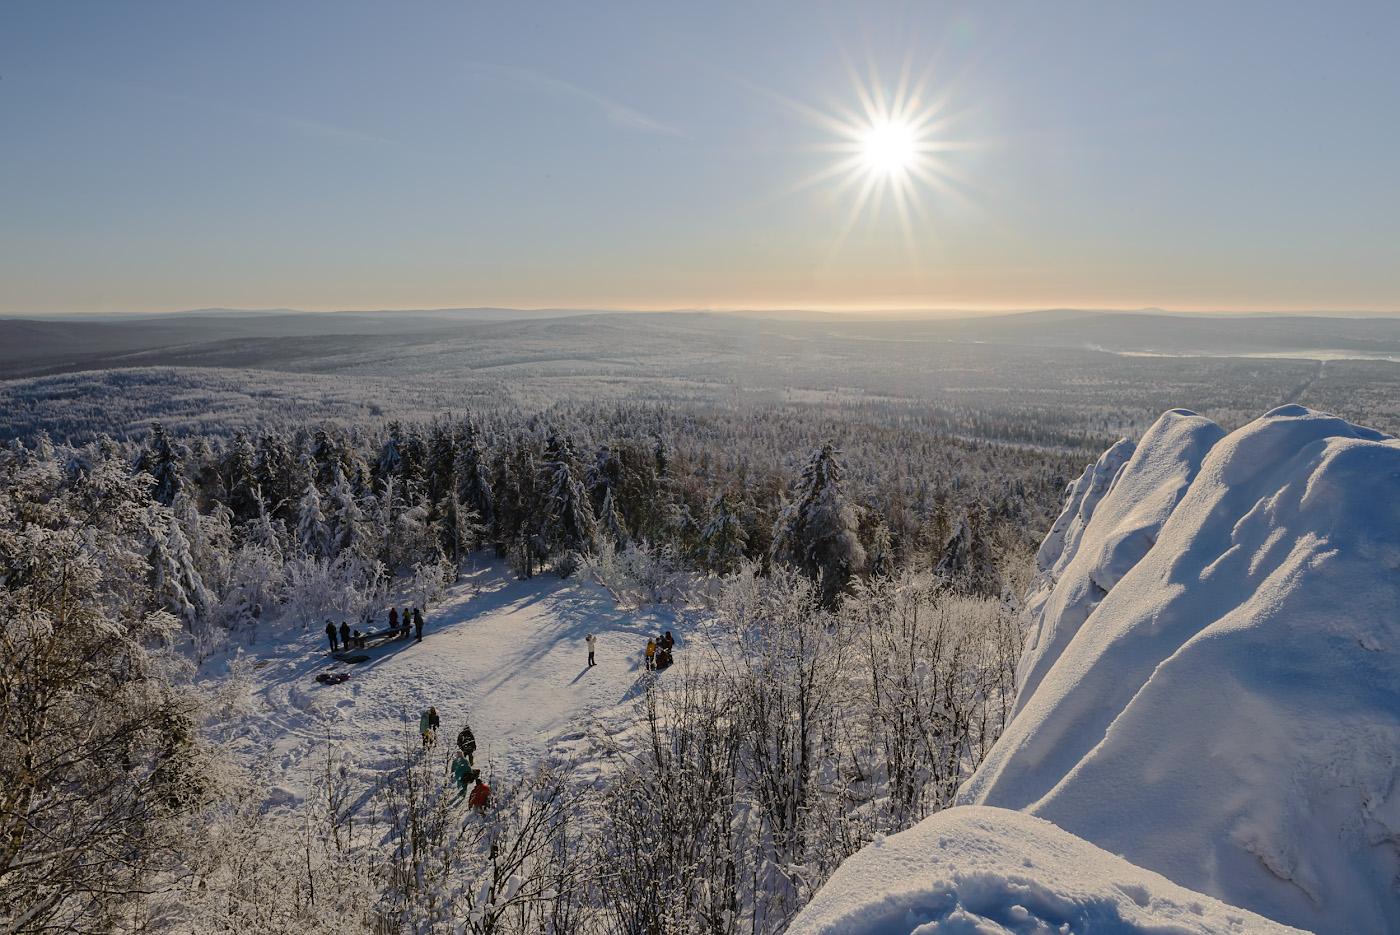 Фото 15. Вид на поляну у основания скал на вершине горы. Куда поехать на выходные из Перми? На Колпаки, например, можно. 1/50, -0.67, 22.0, 110, 24.